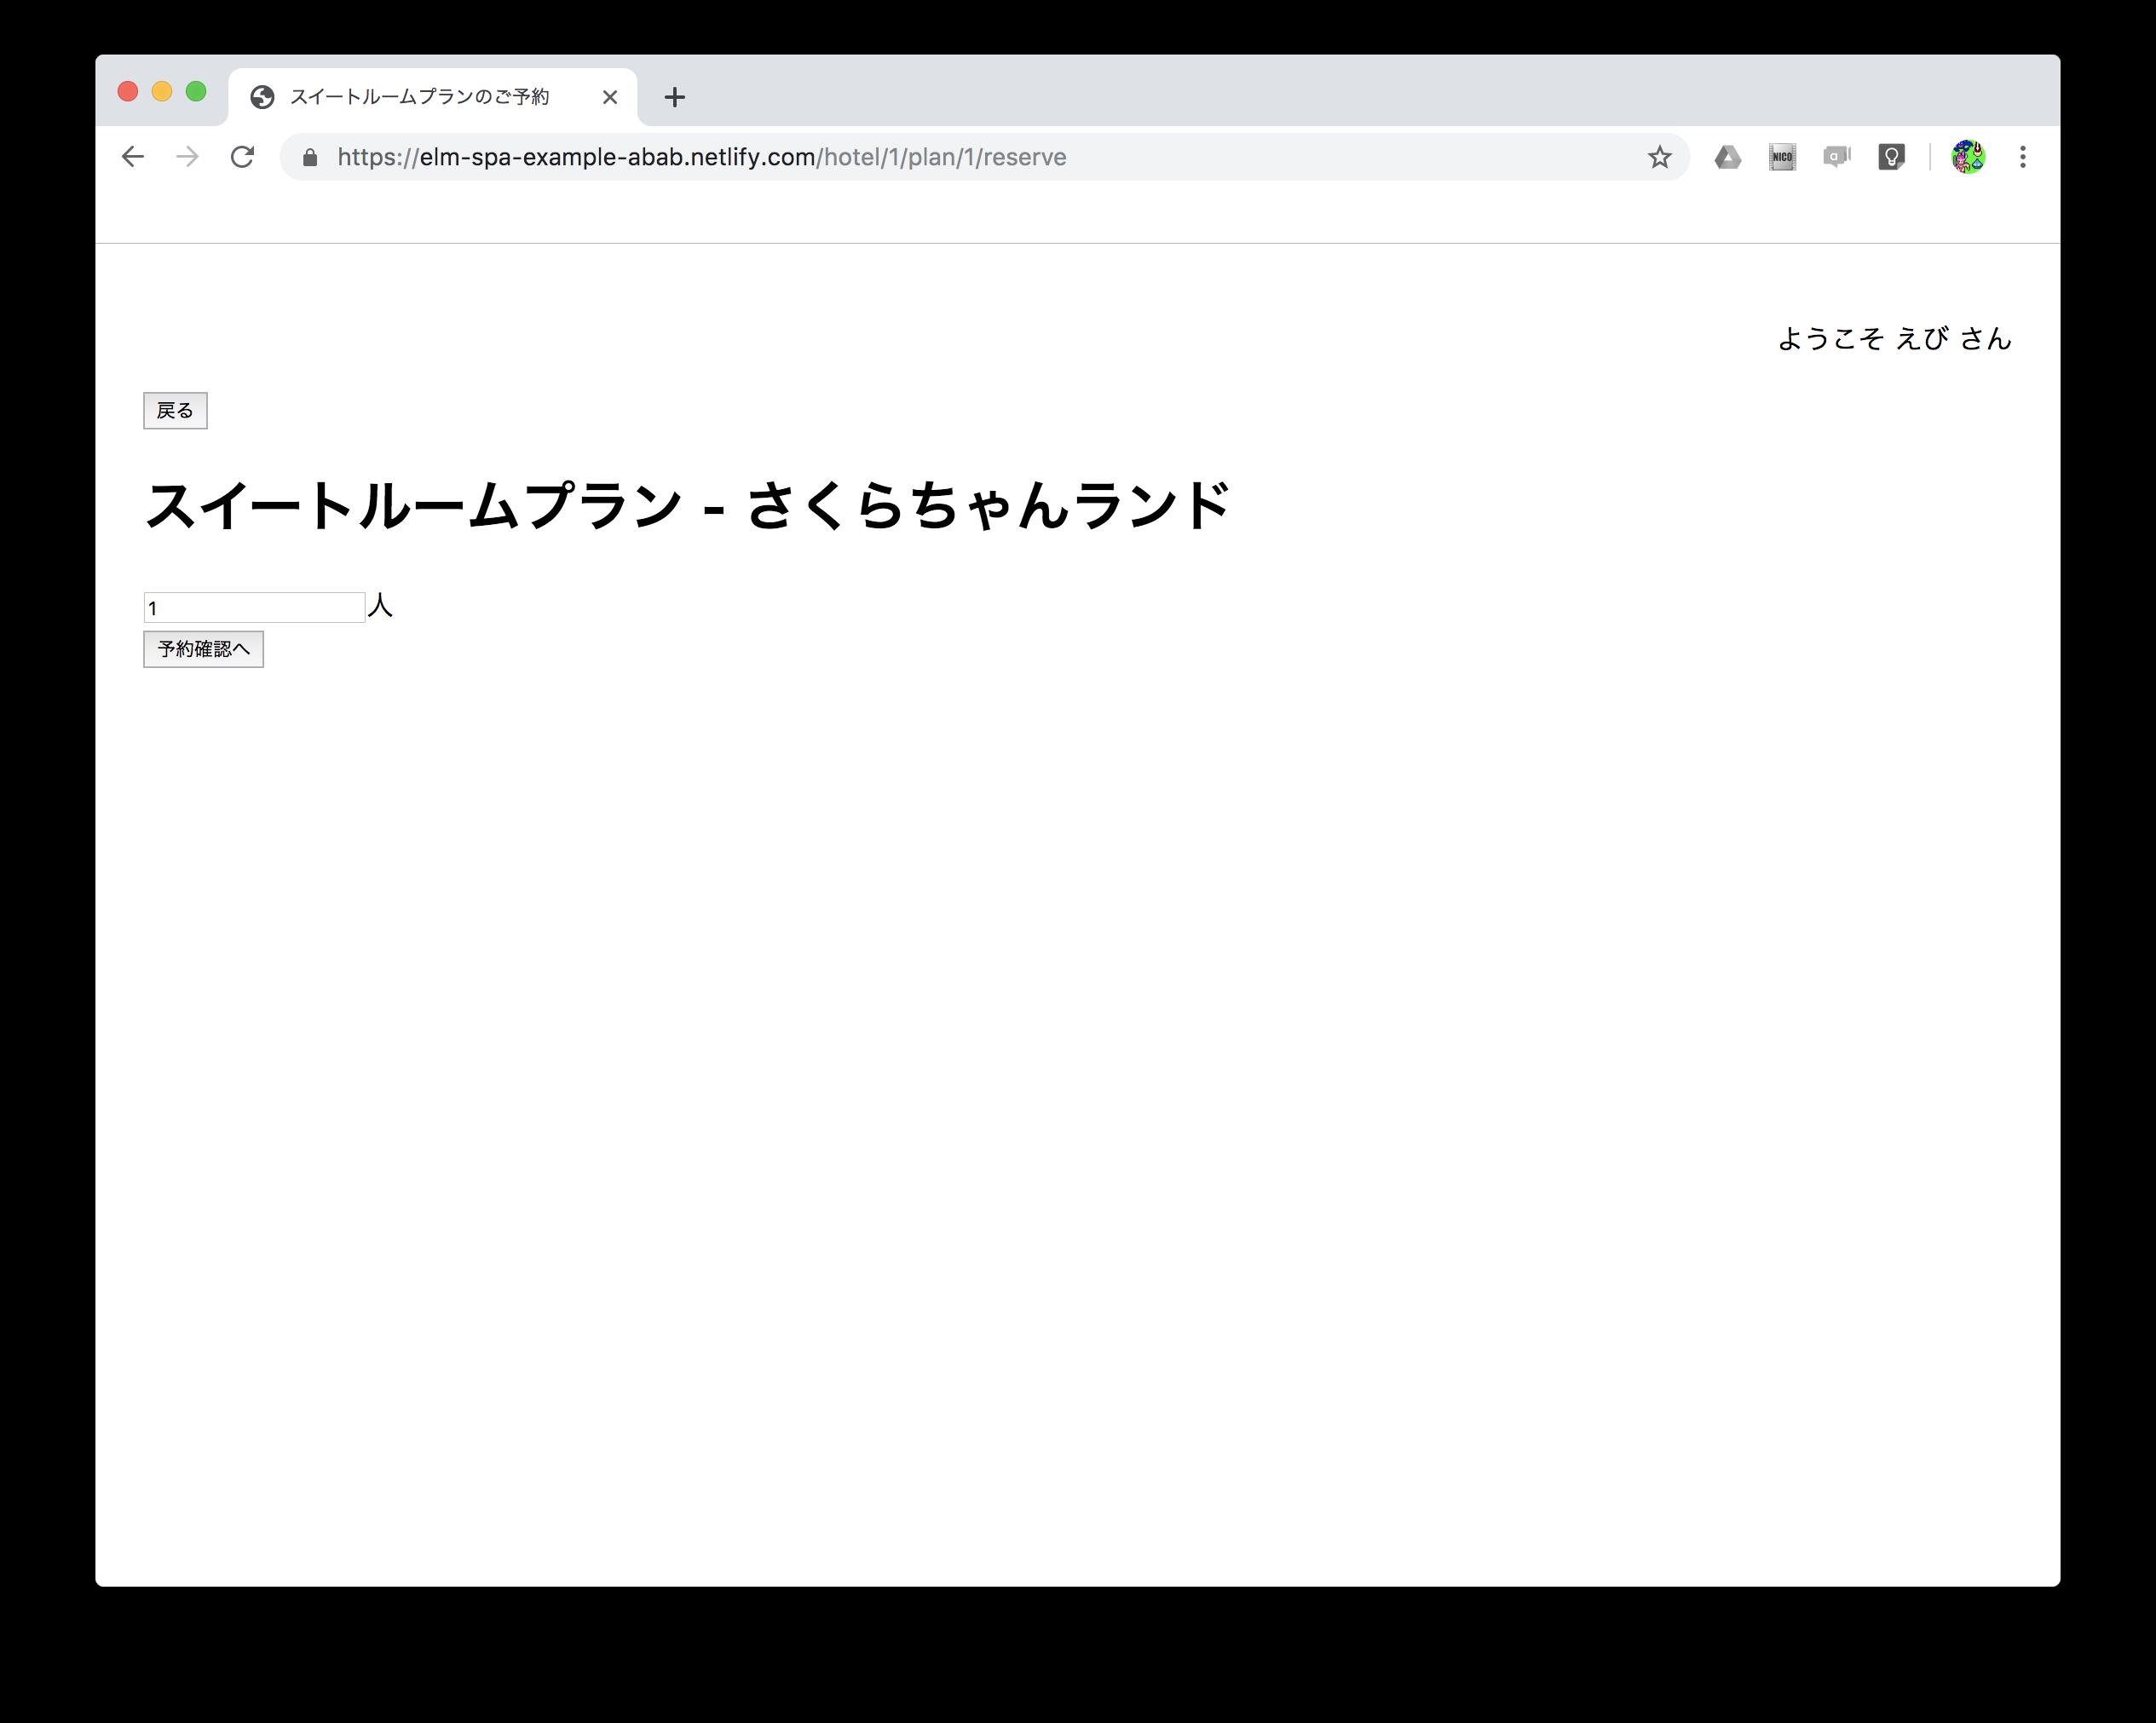 スクリーンショット 2019-06-09 10.34.33.png